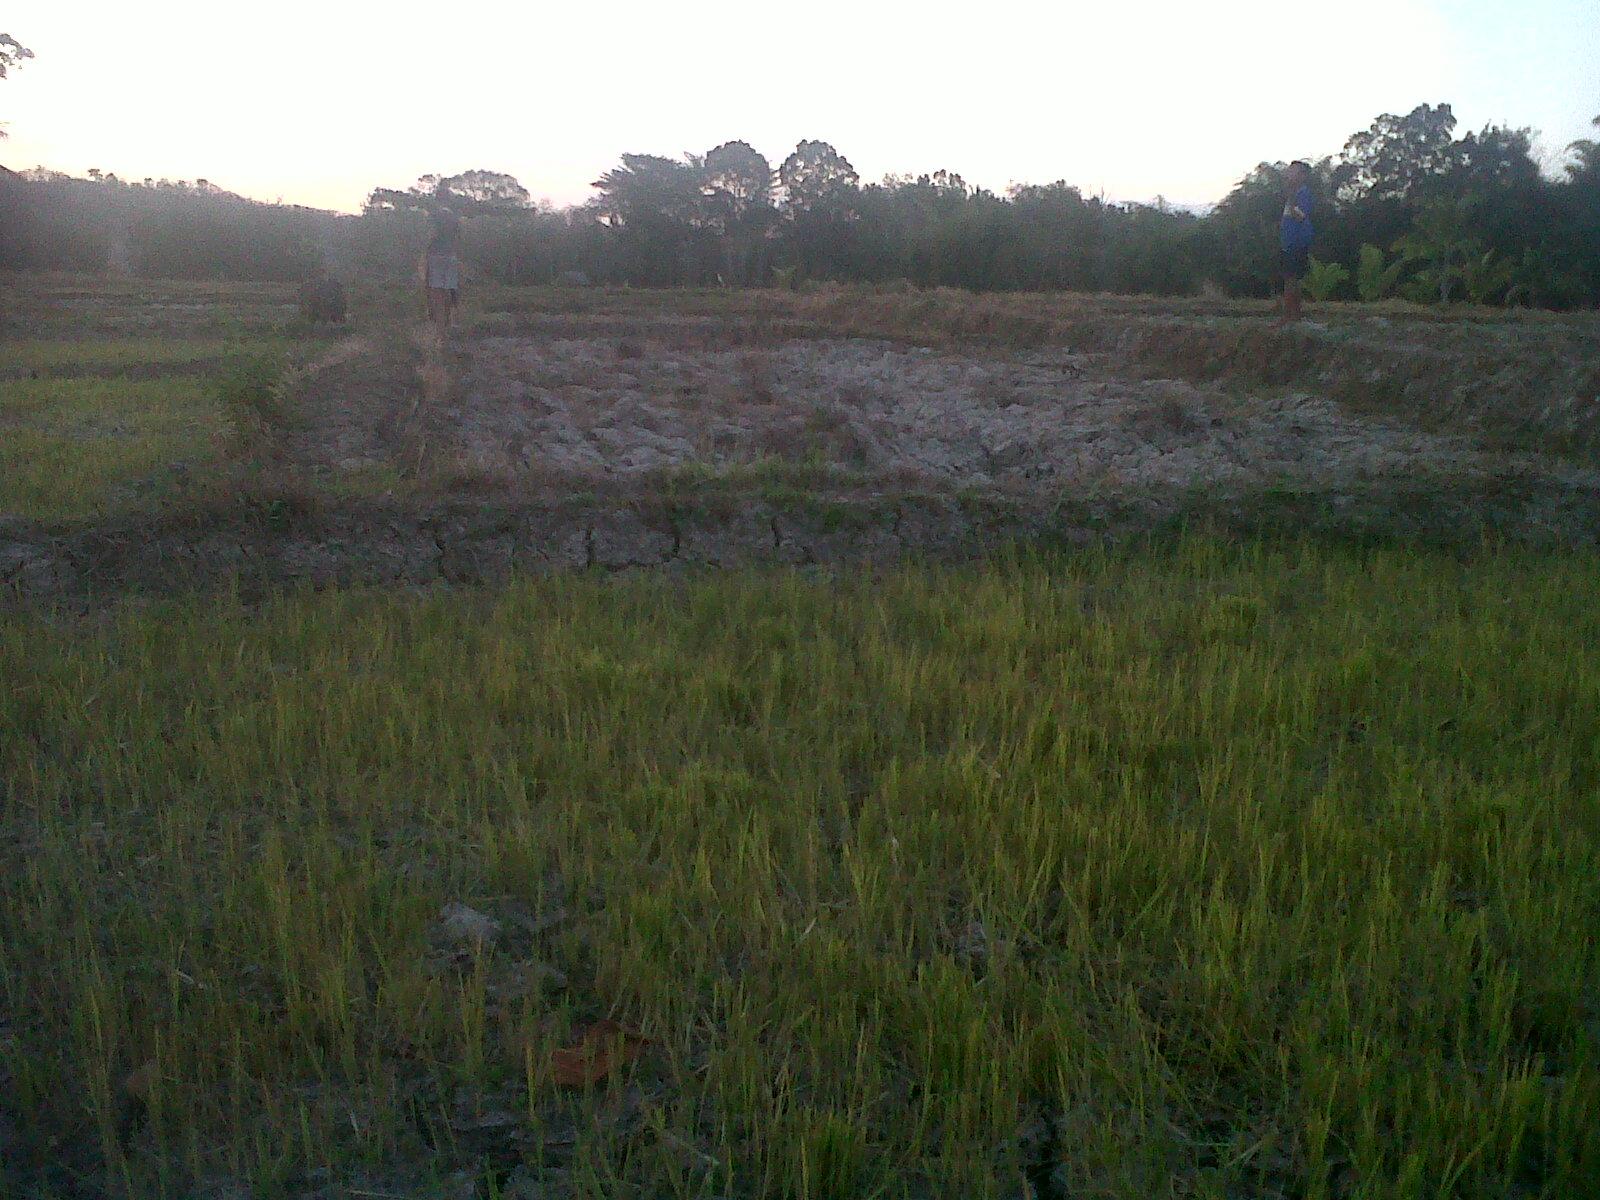 Inilah lahan sawah warga Belu yang gagal tanam.